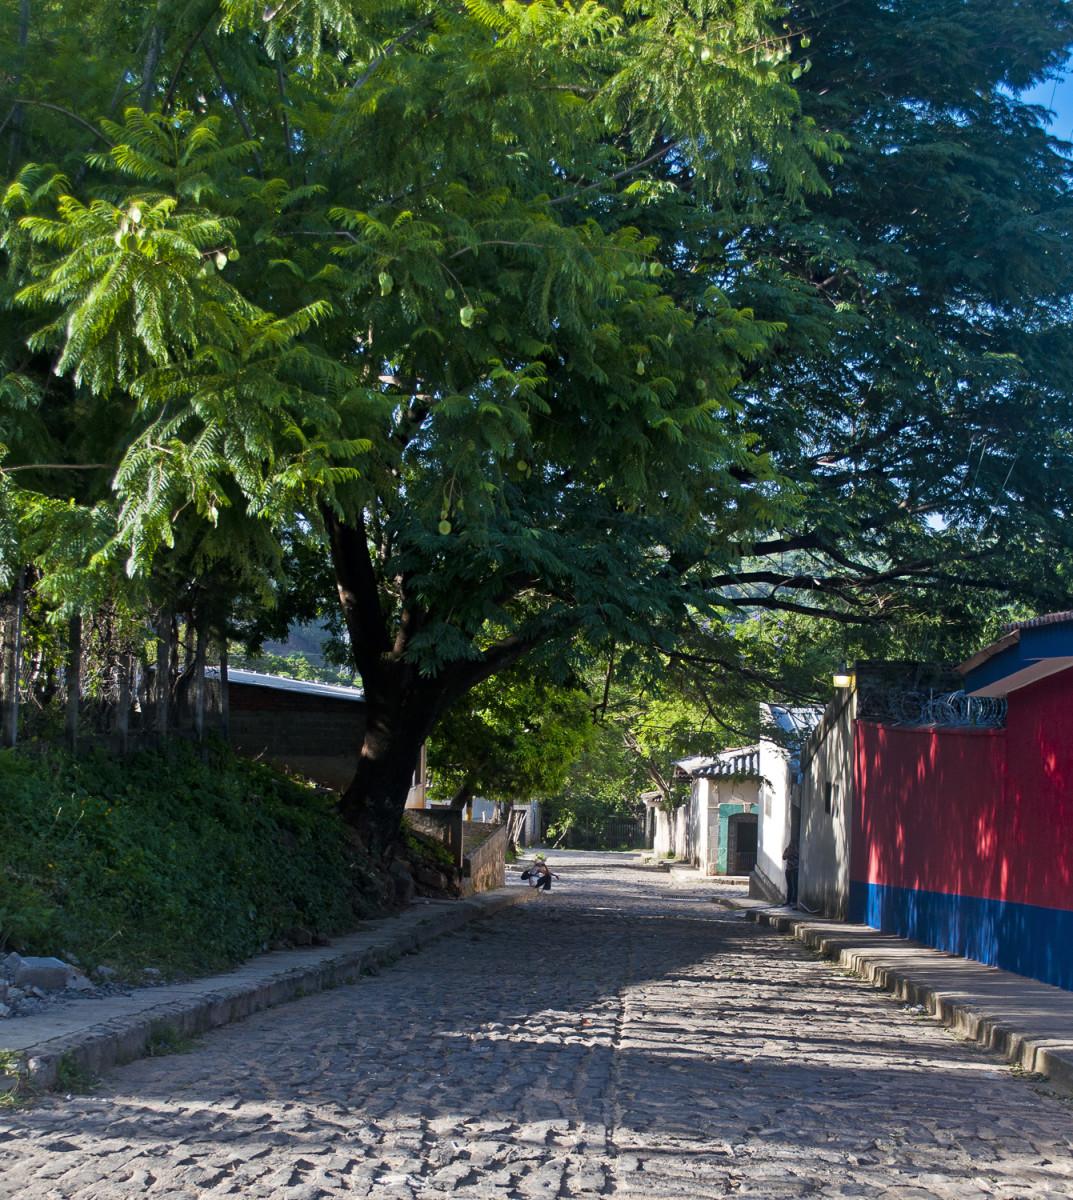 The sleepy little pueblo of Sabana Grande today.